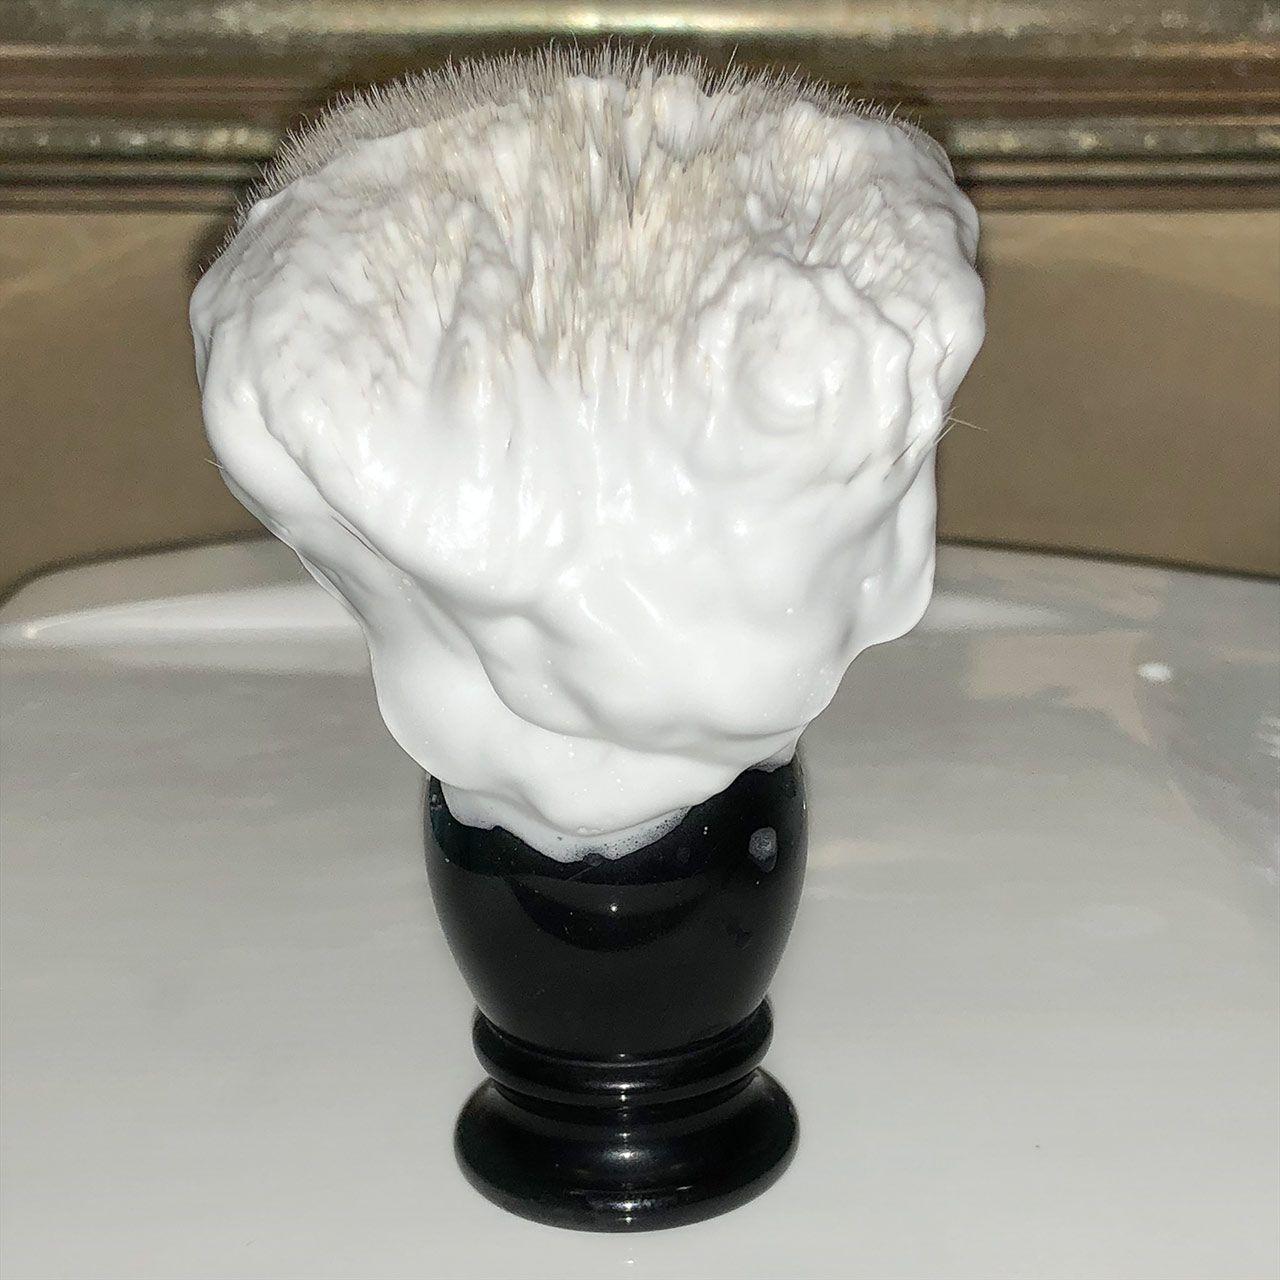 Piana wyrobiona z 1,2 g mydła do golenia Mydlana Chata Drzewo Różane – pozostałą na pędzlu po nałożeniu na pierwsze przejście